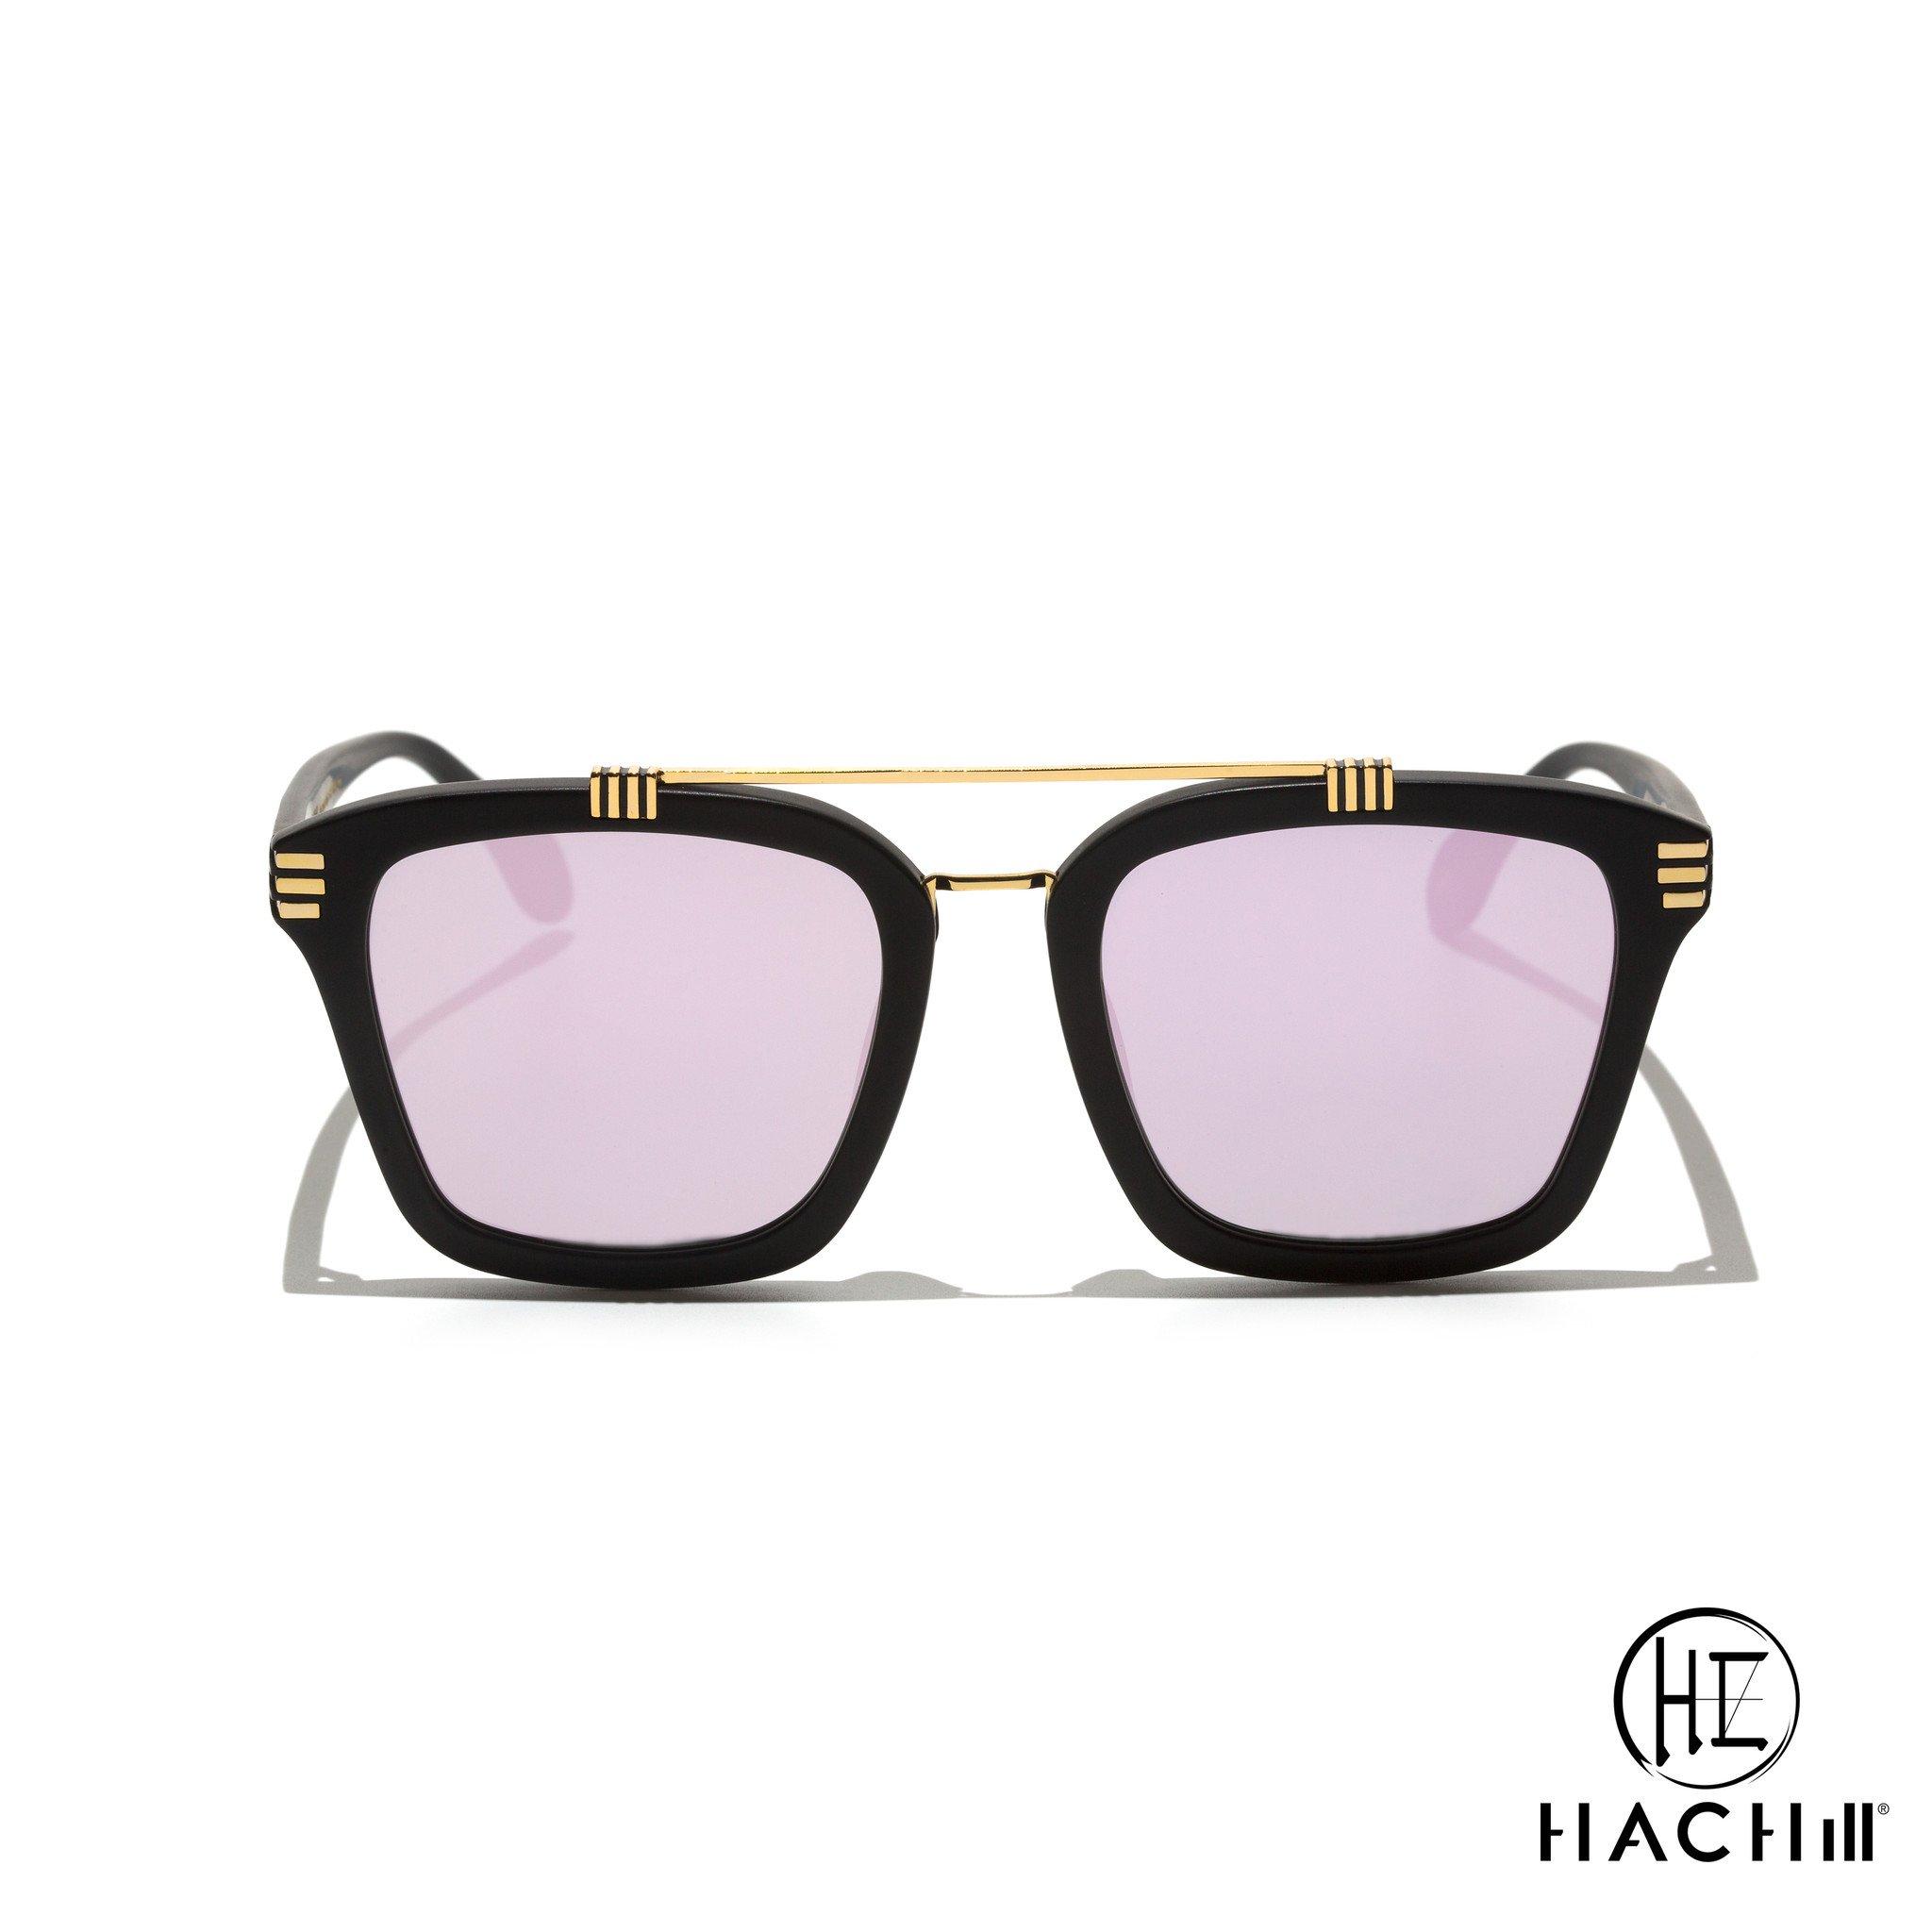 Hachill 太阳眼镜 HC8280S-C2 白色